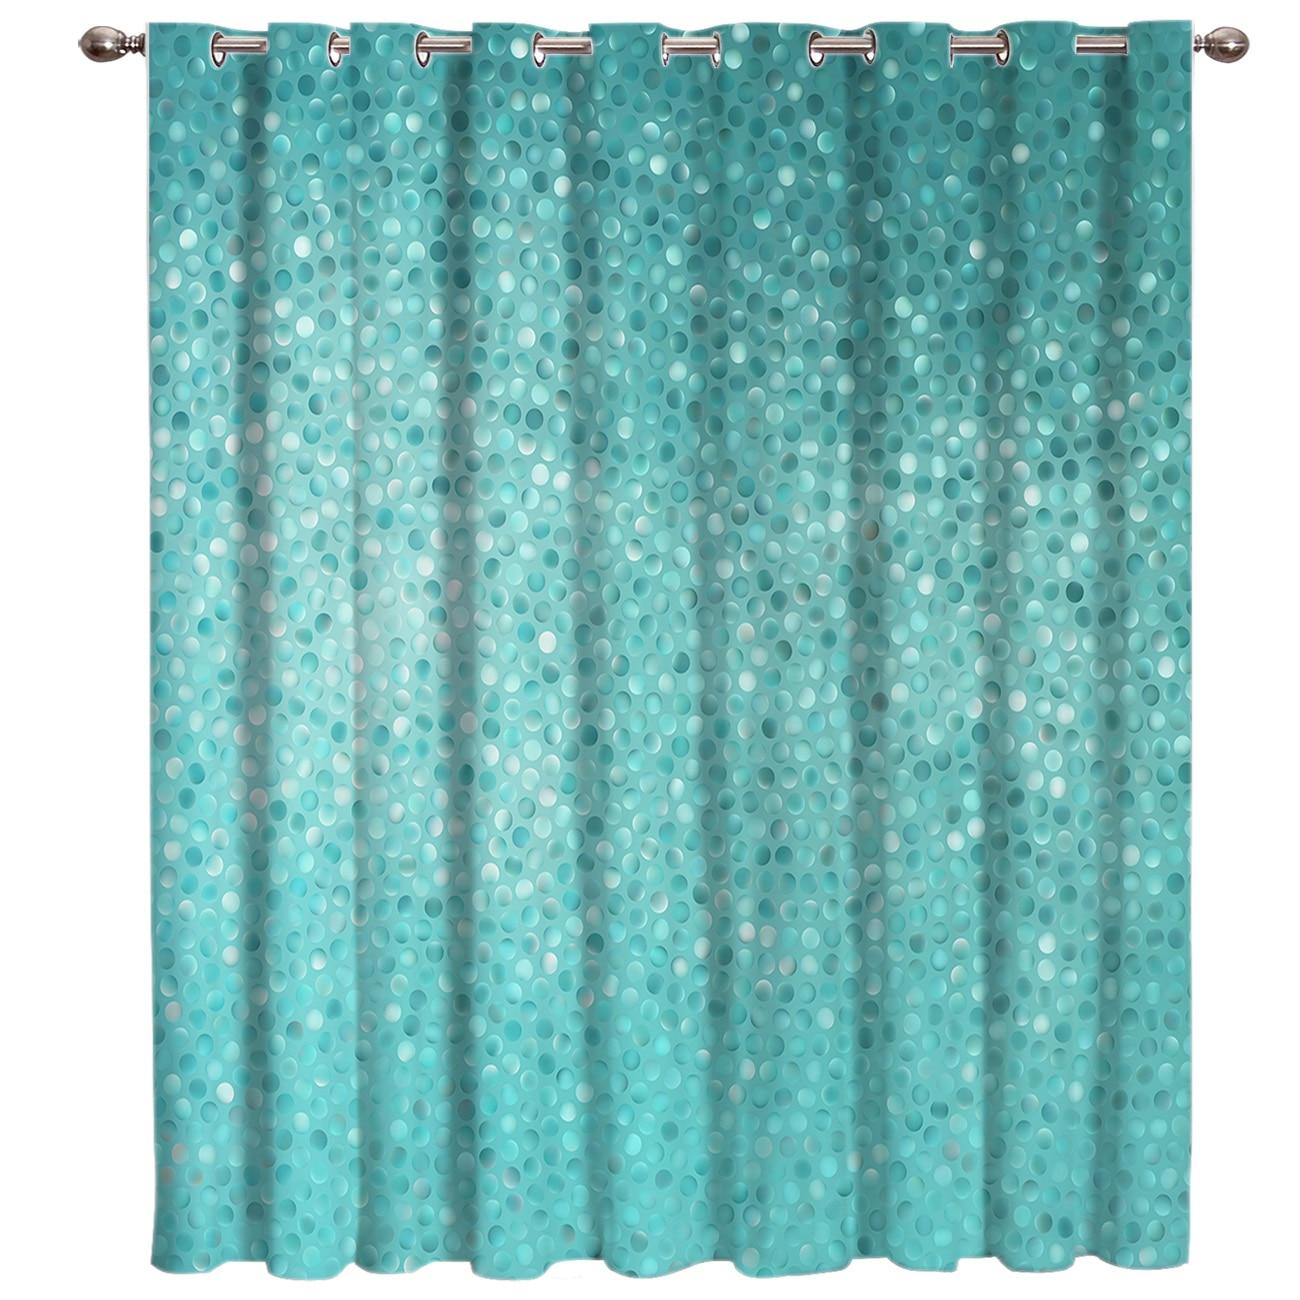 Turquesa design geométrico janela tratamentos cortinas valance sala de estar cortina haste do banheiro decoração ao ar livre swag crianças cortina